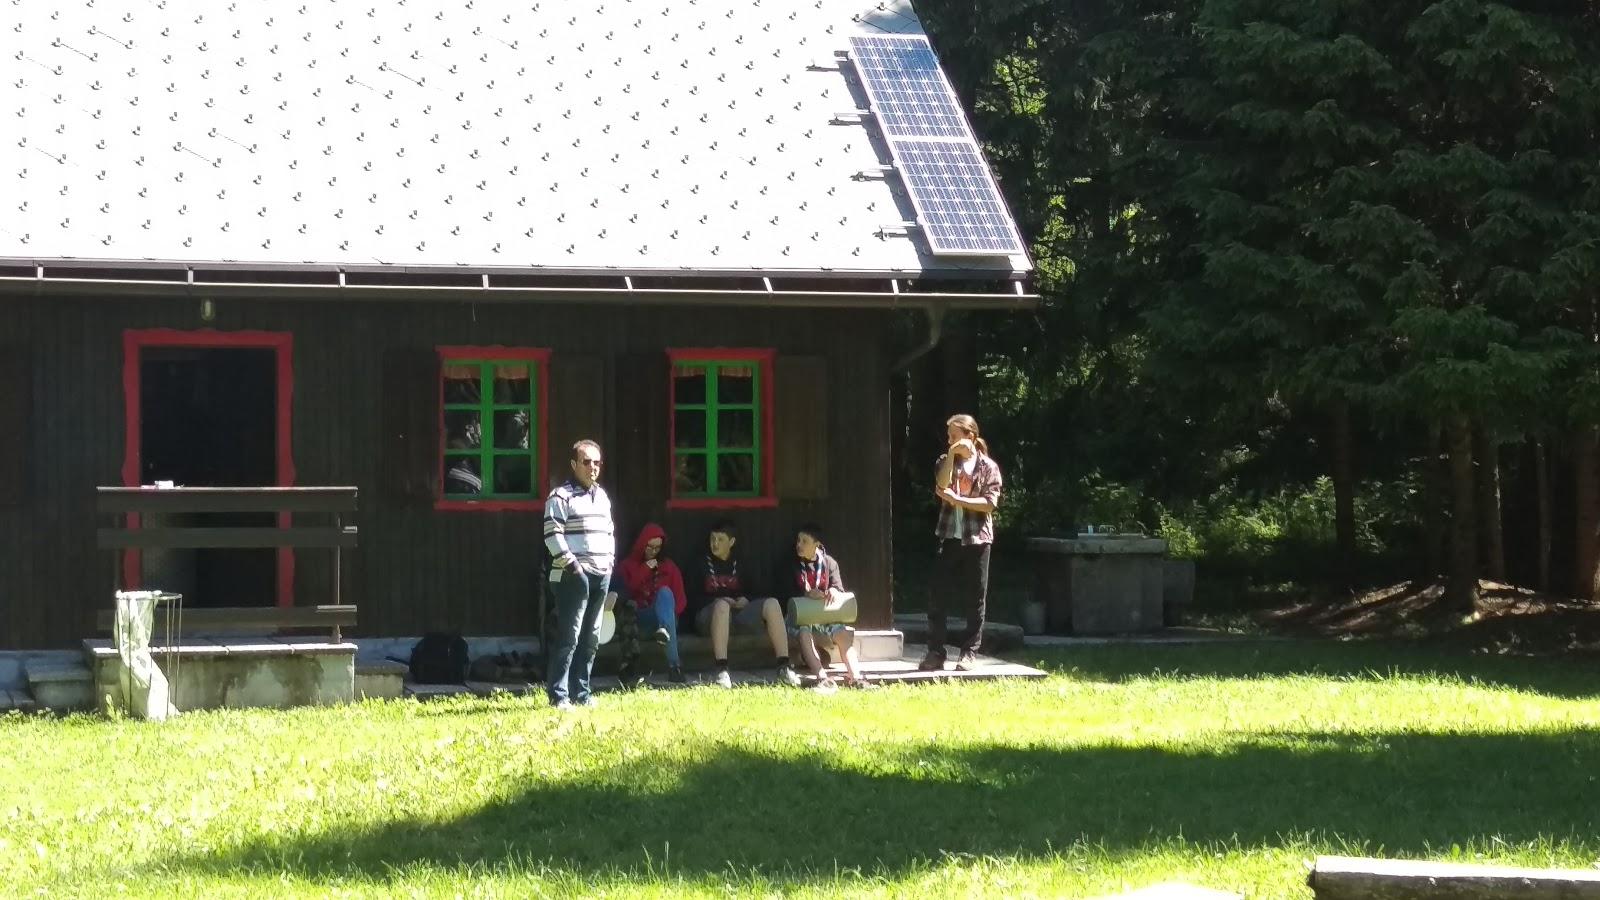 Piknik s starši 2015, Črni dol, 21. 6. 2015 - IMAG0186.jpg